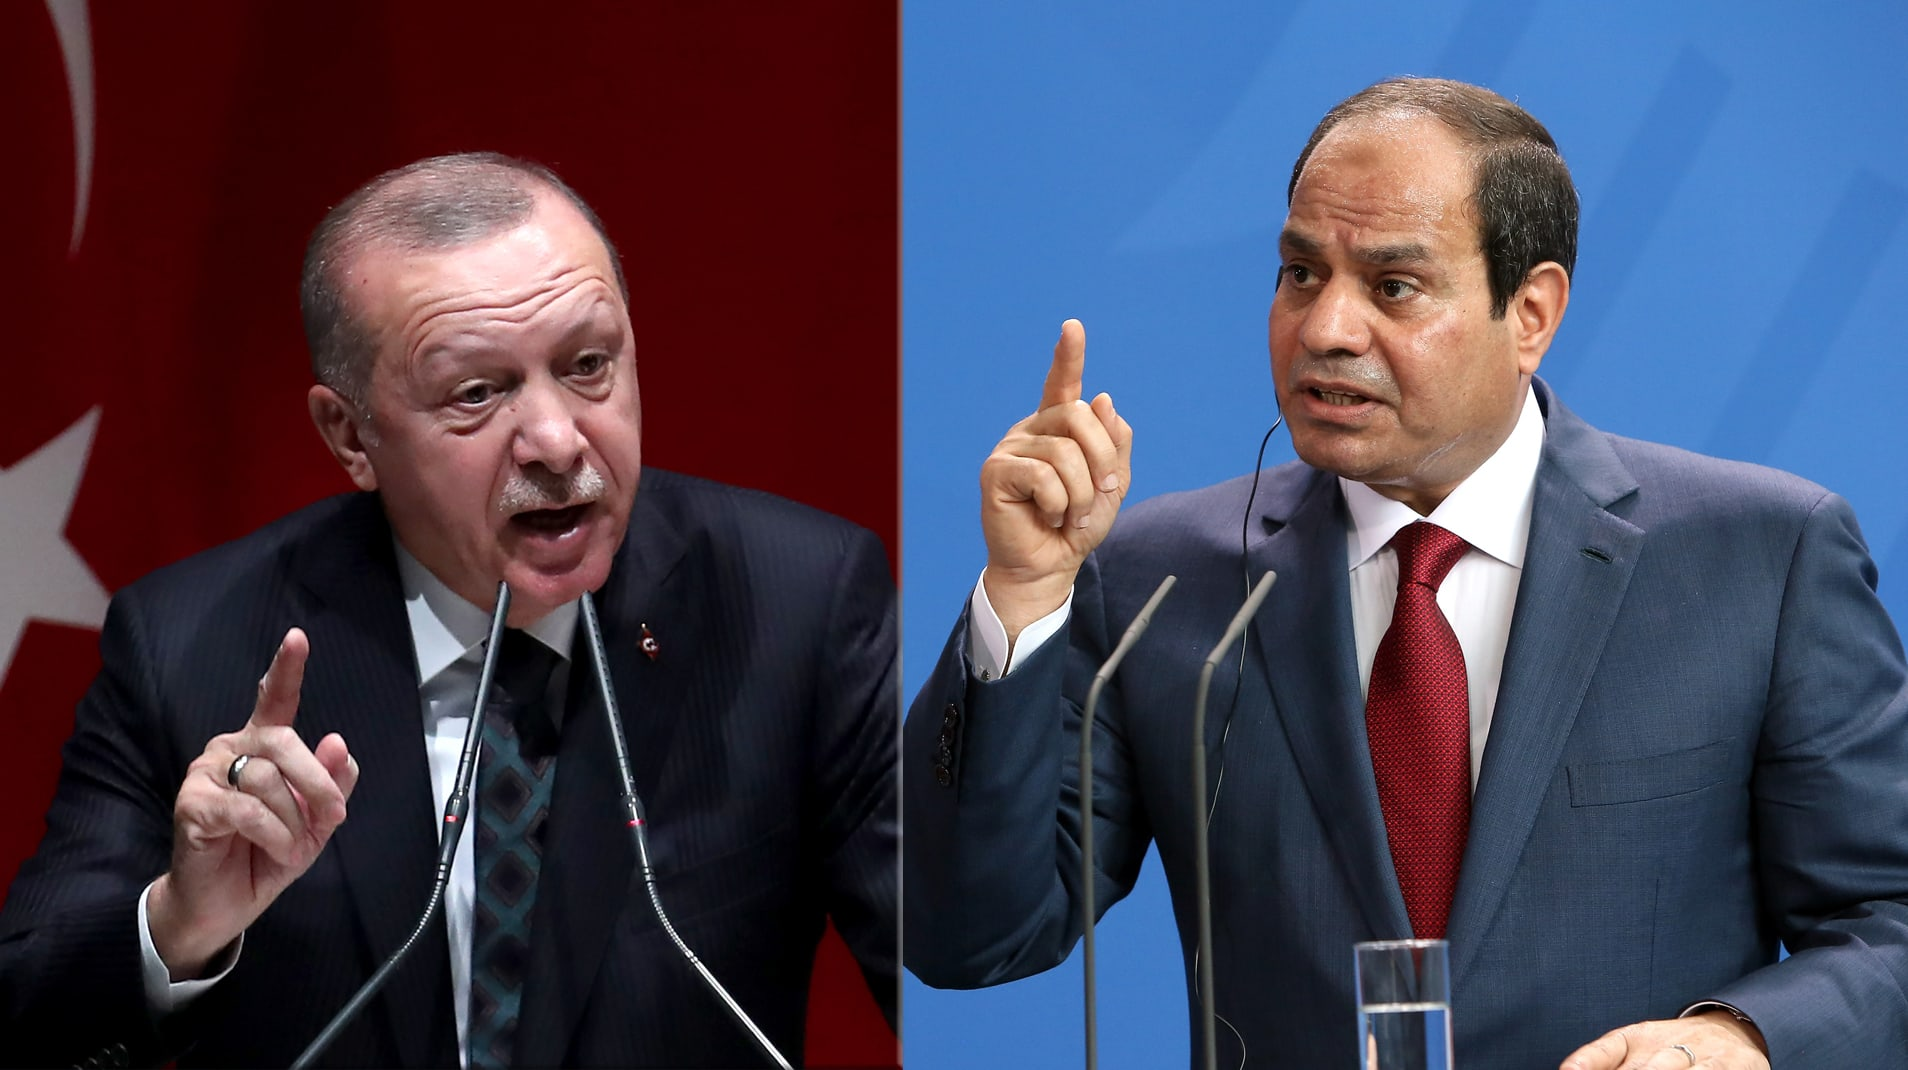 بكري يرد على هجوم أردوغان: السيسي منتخب بأكثر من 97% وأنت بـ52% فقط